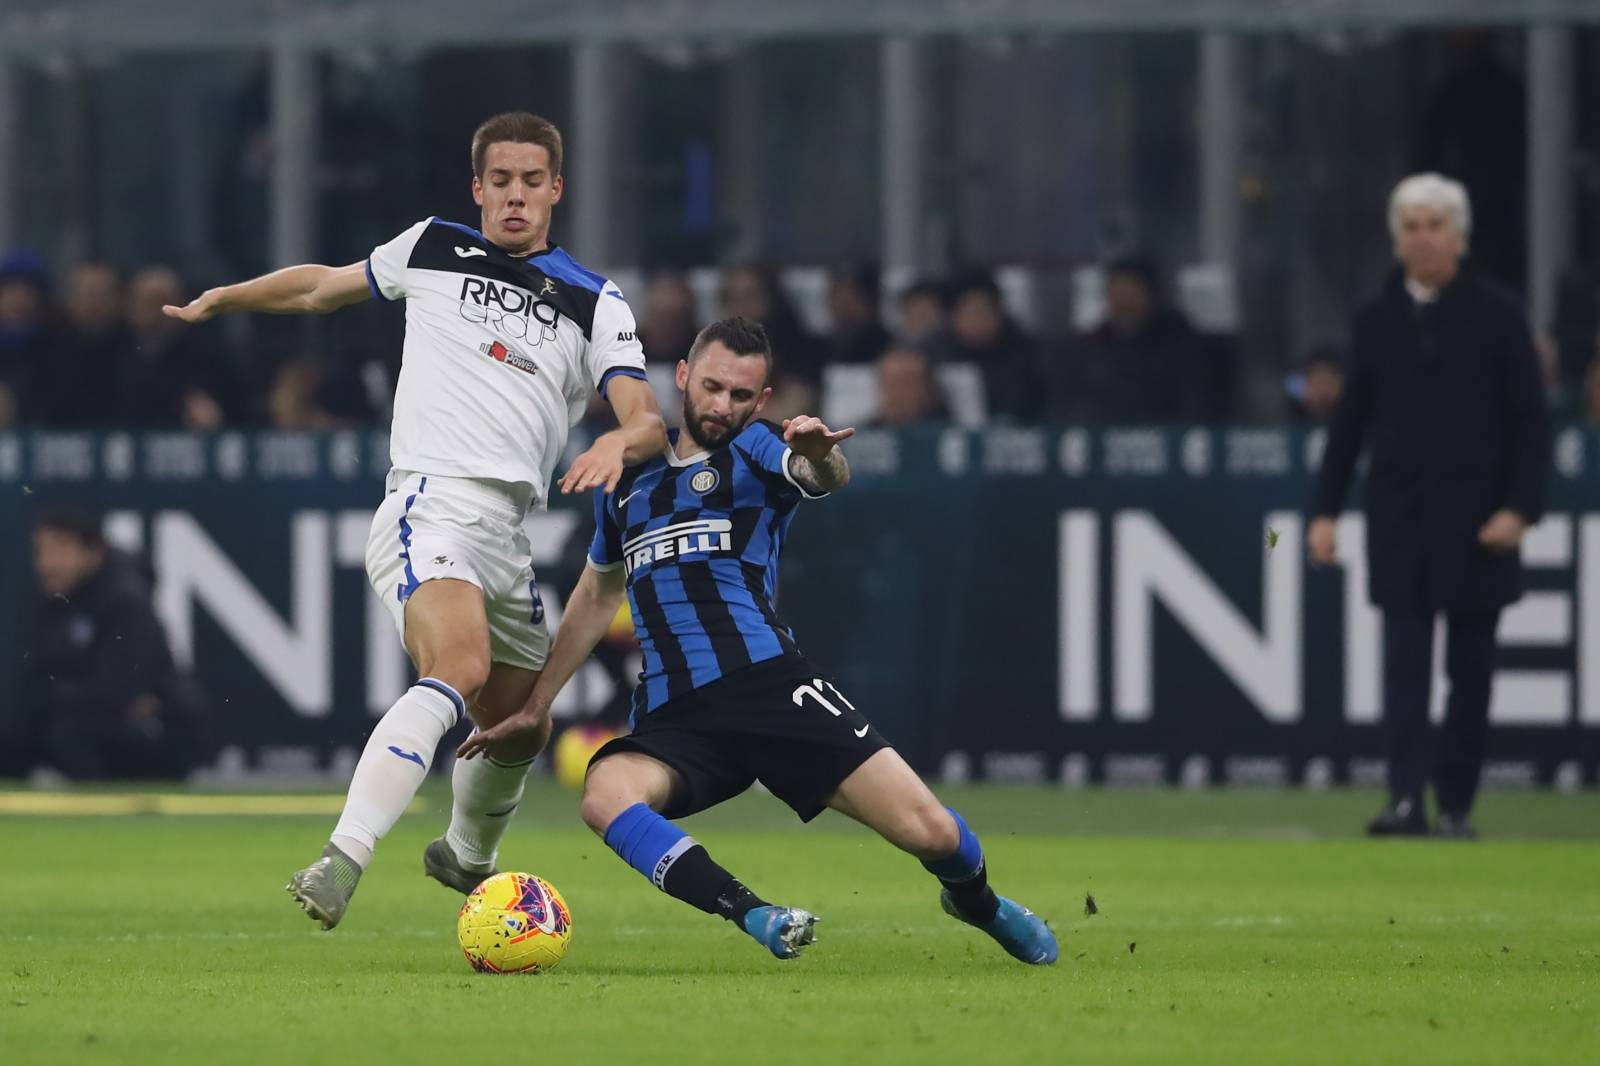 Internazionale v Atalanta - Serie A - Giuseppe Meazza